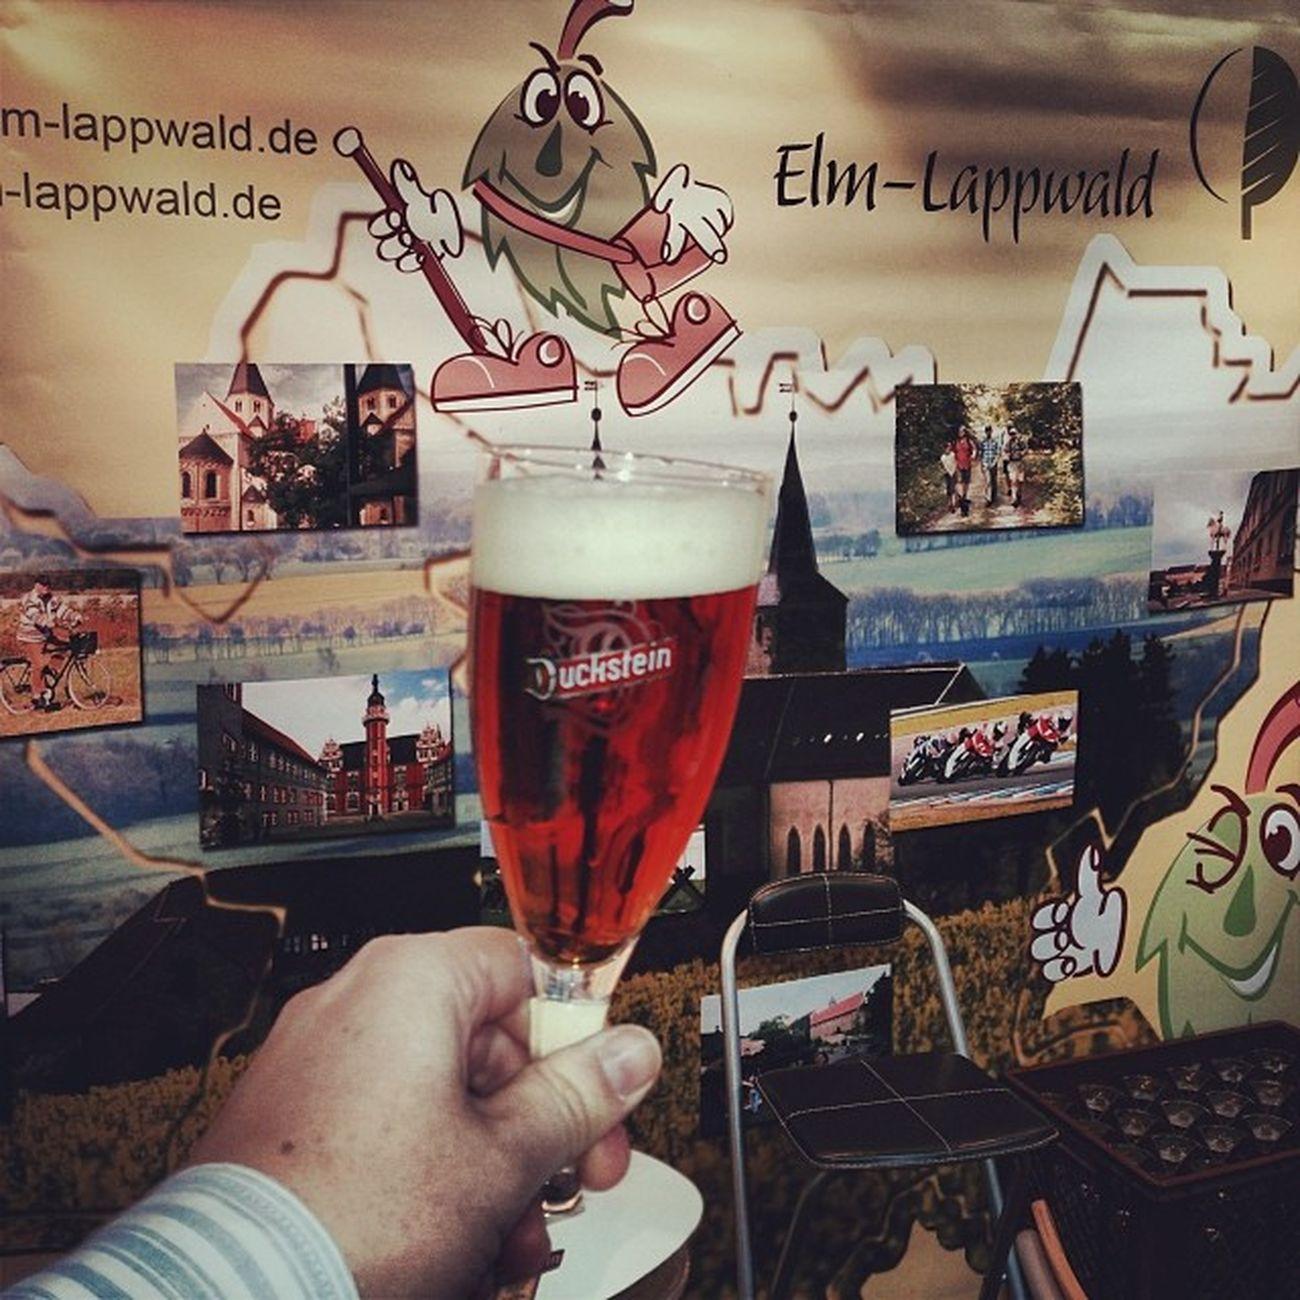 Ersma ein #Duckstein... #prost | #CMT14 ELM Cmt14 Lappwald Beer Elmlappwald Cheers Fair Stuttgart Bier Messe Booth Prost Duckstein Cmt Tradeshow